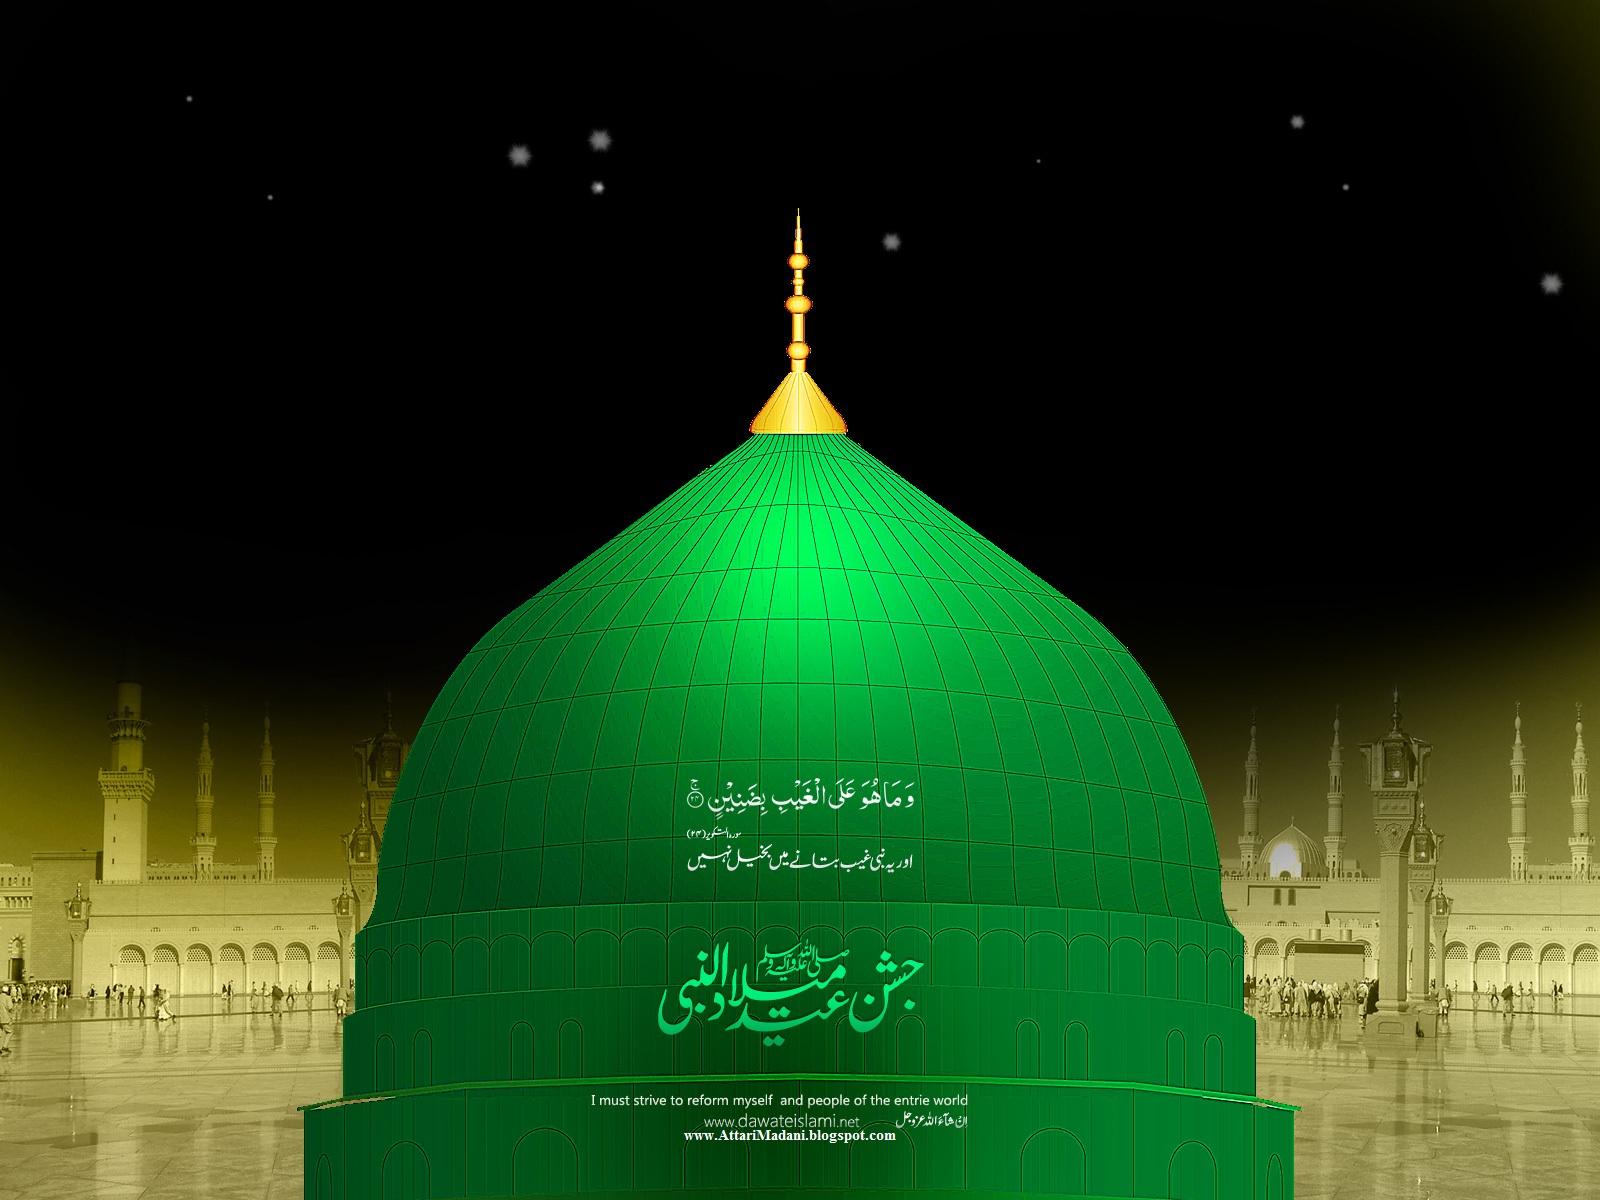 http://1.bp.blogspot.com/-oJCiK4n3W_I/Tx7xF8mPrwI/AAAAAAAAA64/b7fTQtxJI3I/s1600/jashn_e_eid_milad_un_nabi_wallpaper_by_dawat_e_islami-4.jpg